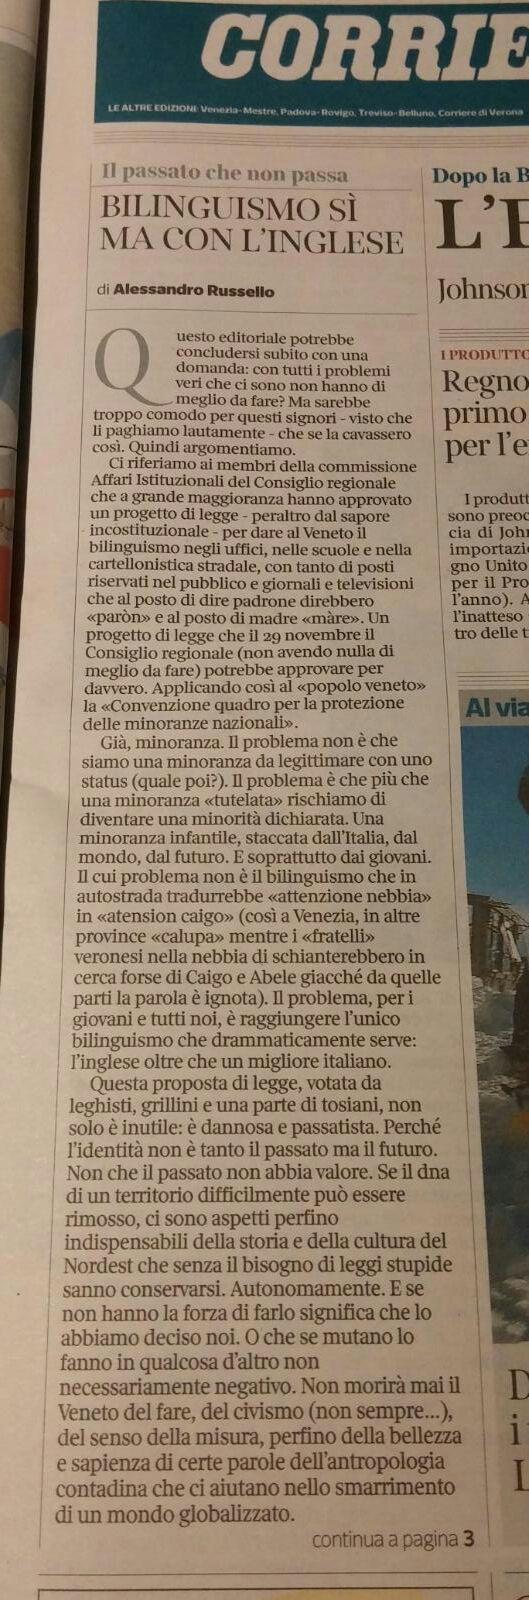 corriere2016nov18-1